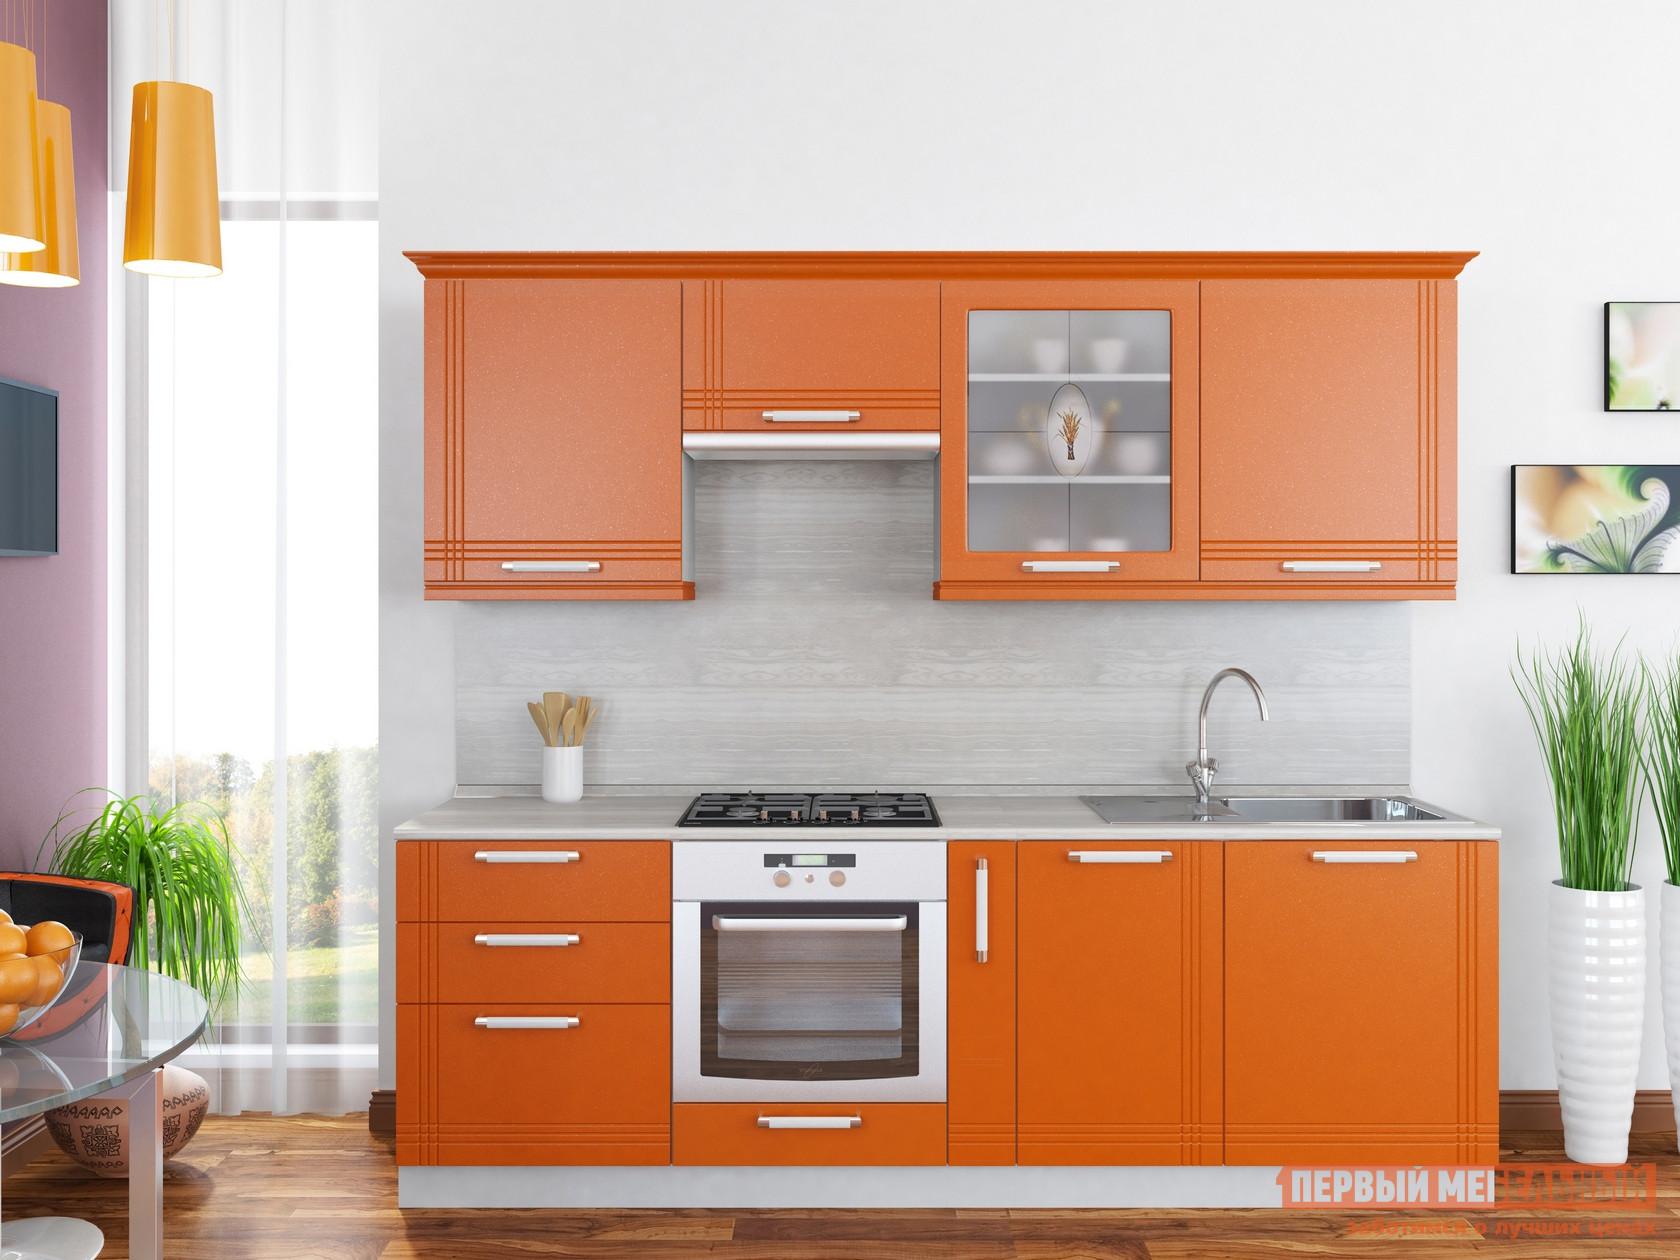 Кухонный гарнитур Боровичи Классика 1800 кухонный гарнитур трия фэнтези 120 см